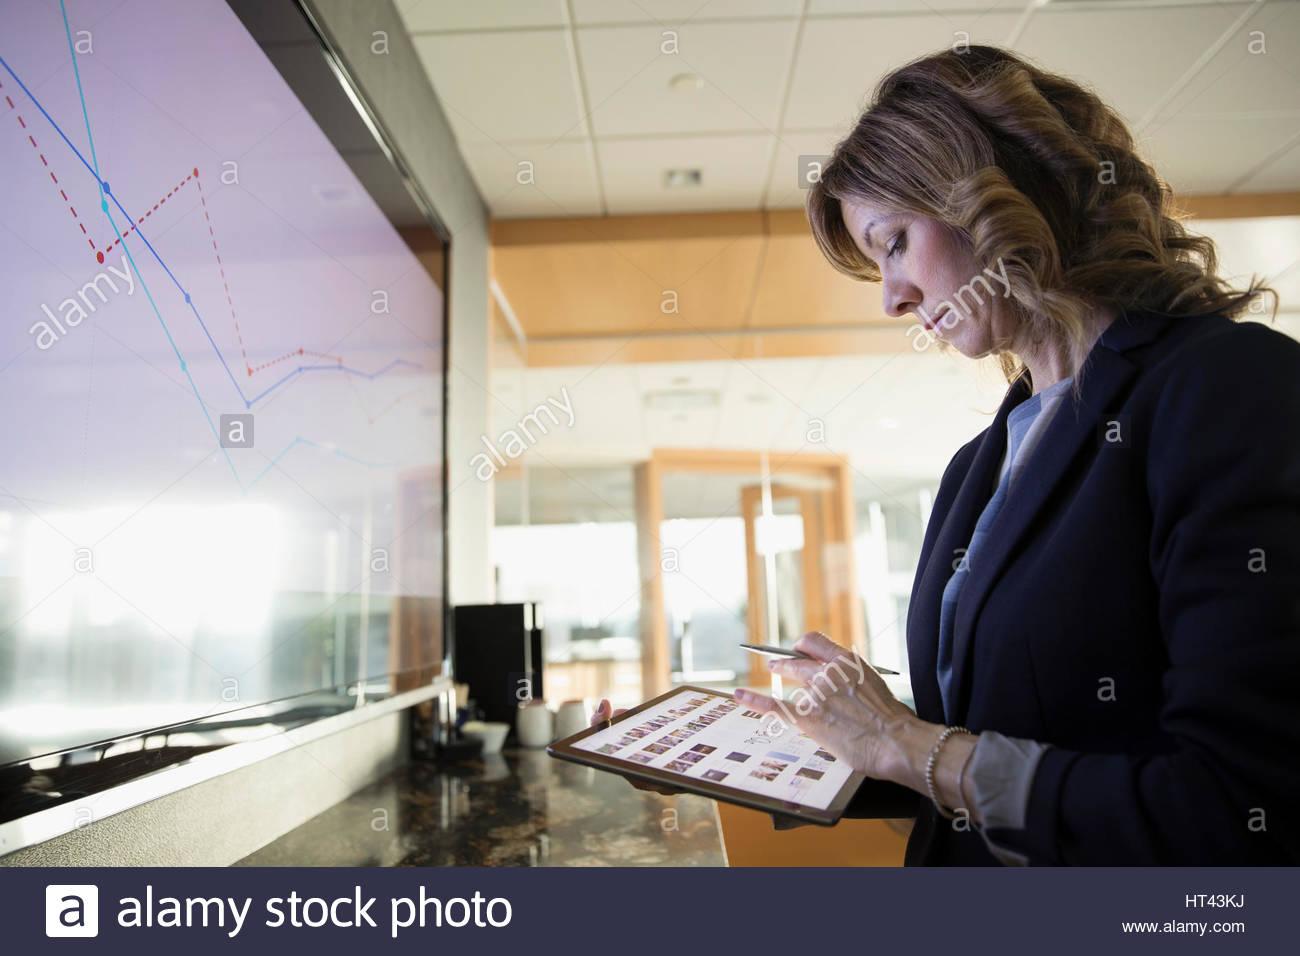 Businesswoman with digital tablet préparation présentation audiovisuelle dans la salle de conférence Photo Stock